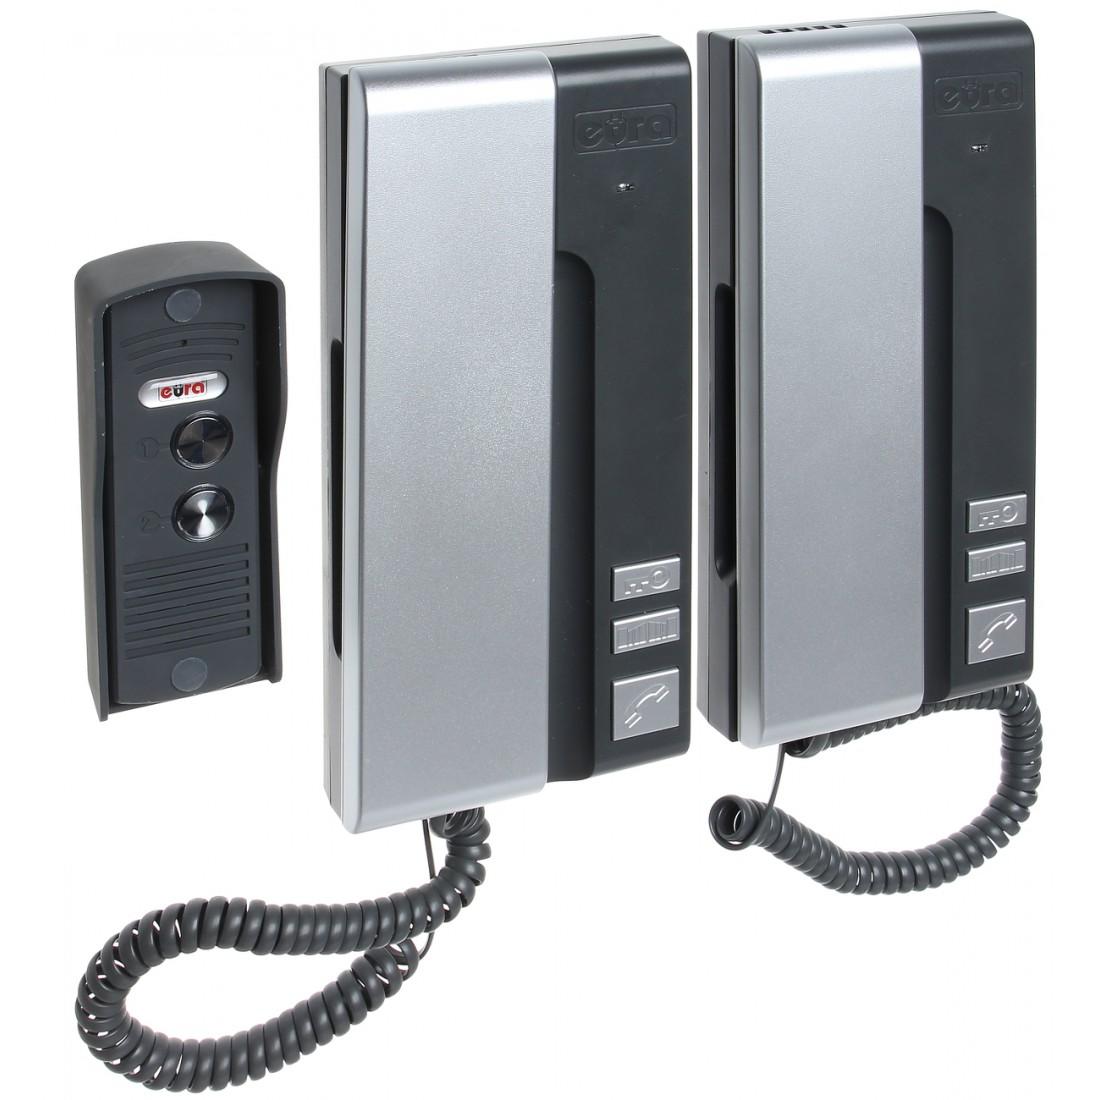 SADA DOMÁCEHO TELEFÓNU ADP-32A3